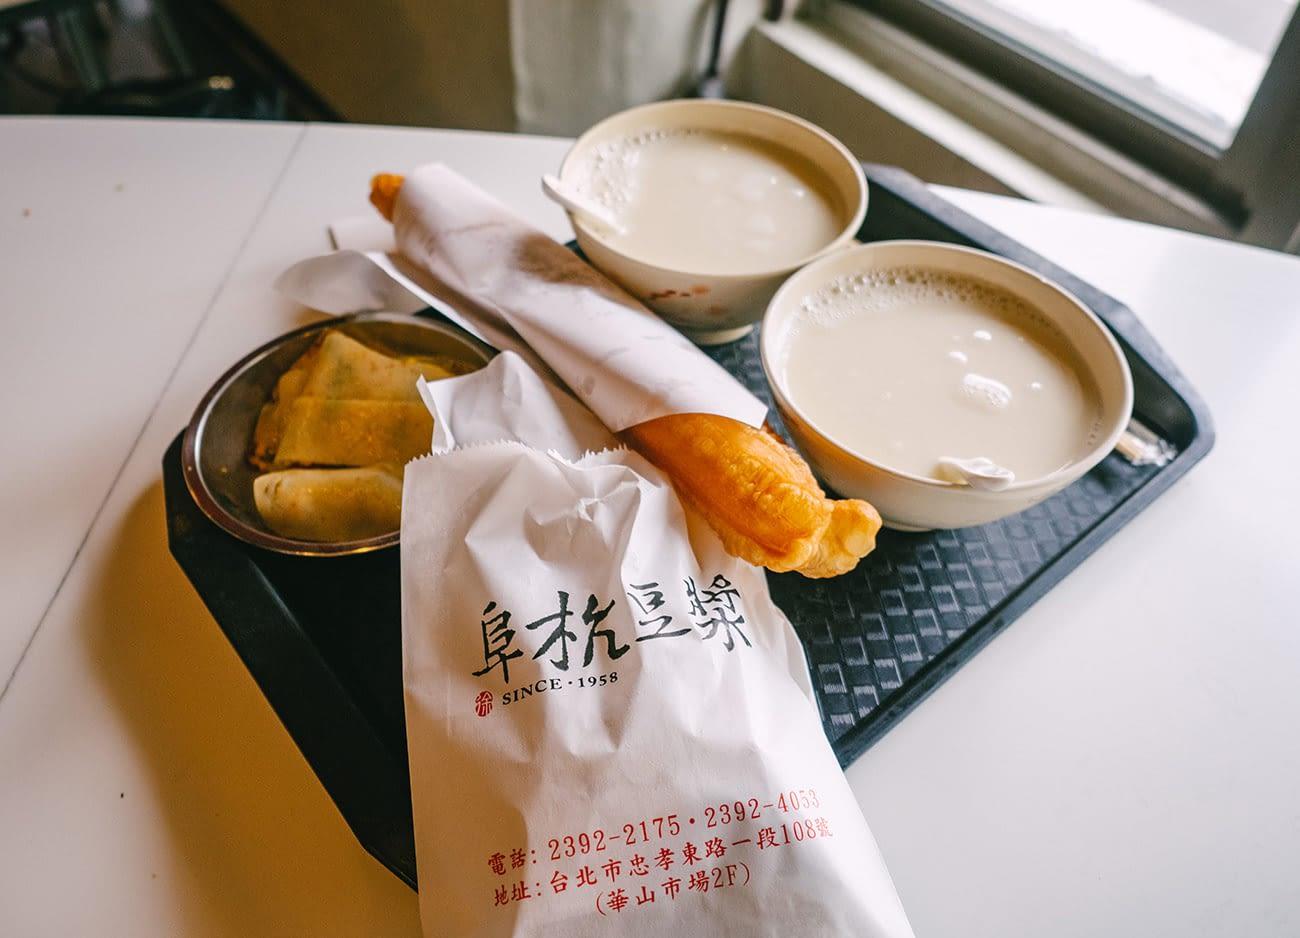 Fu Hang Dou Jiang - Soya milk & you tiao